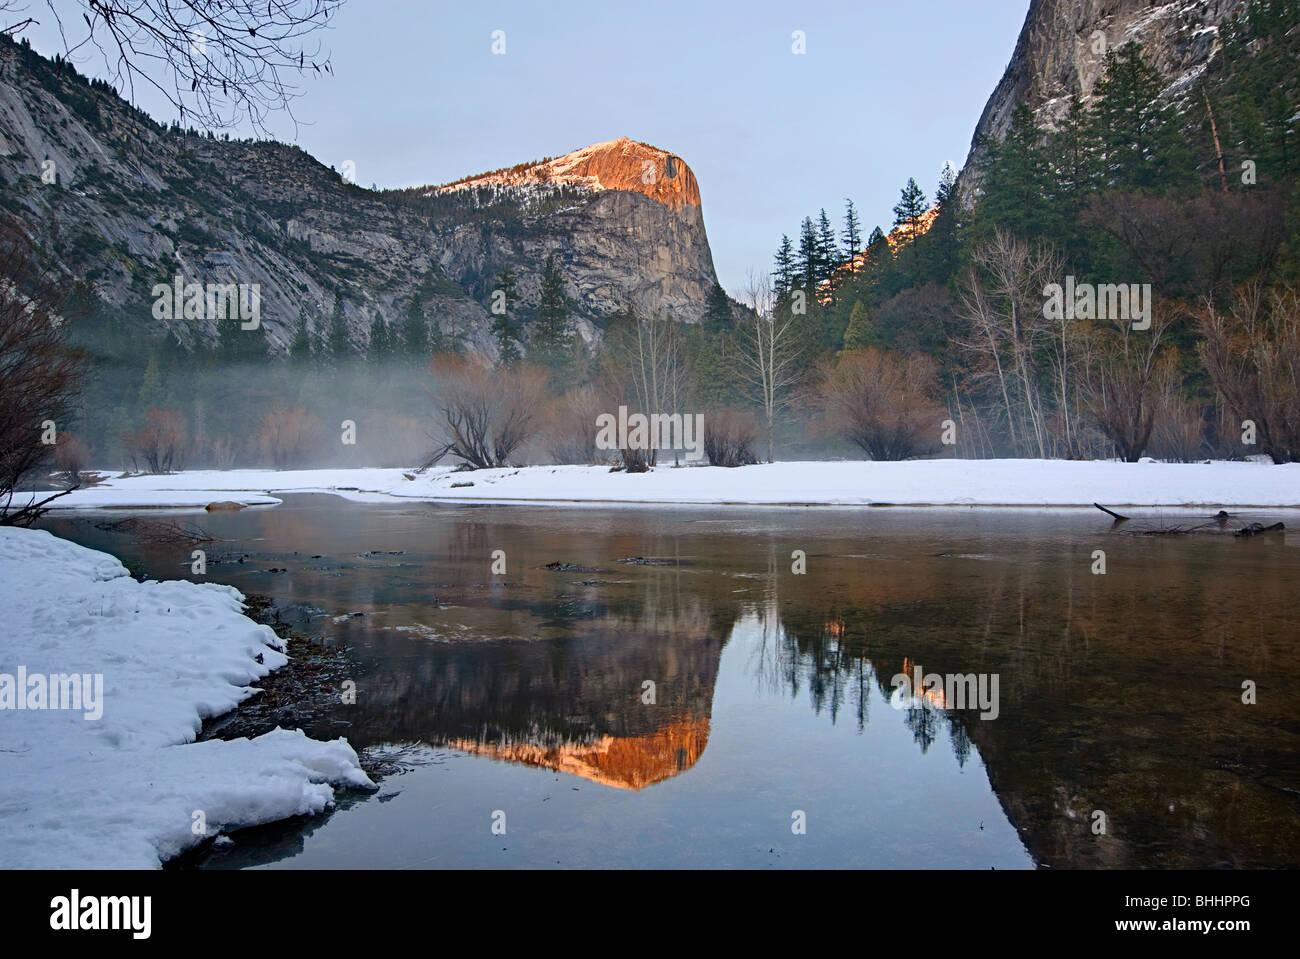 Damatic vue hivernale de Mirror Lake dans le Parc National Yosemite. Photo Stock